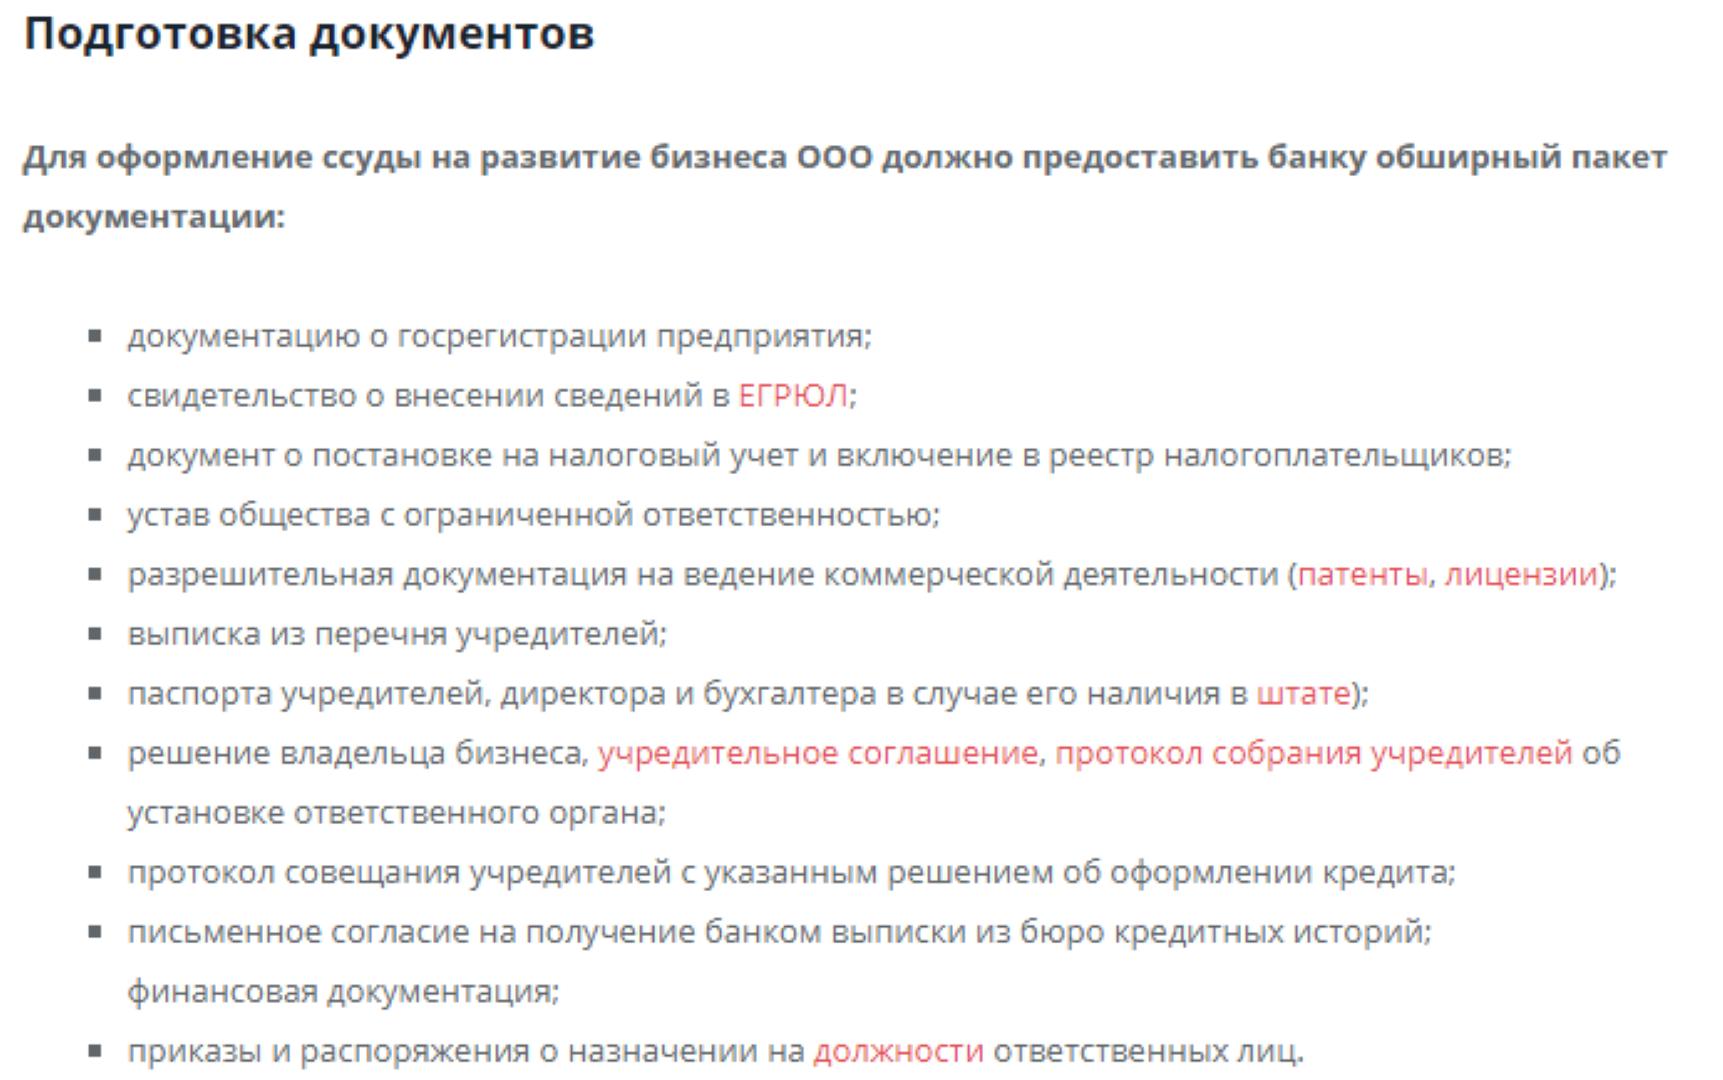 Яндекс кредит по паспорту